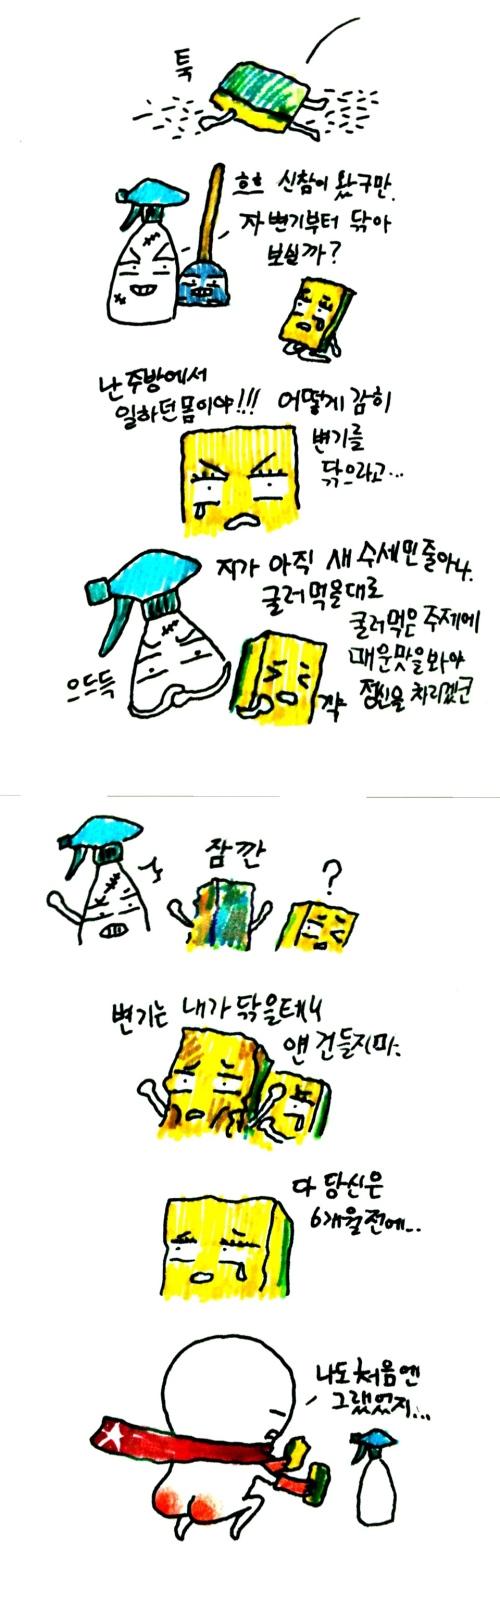 z2011-08-11 copy.jpg